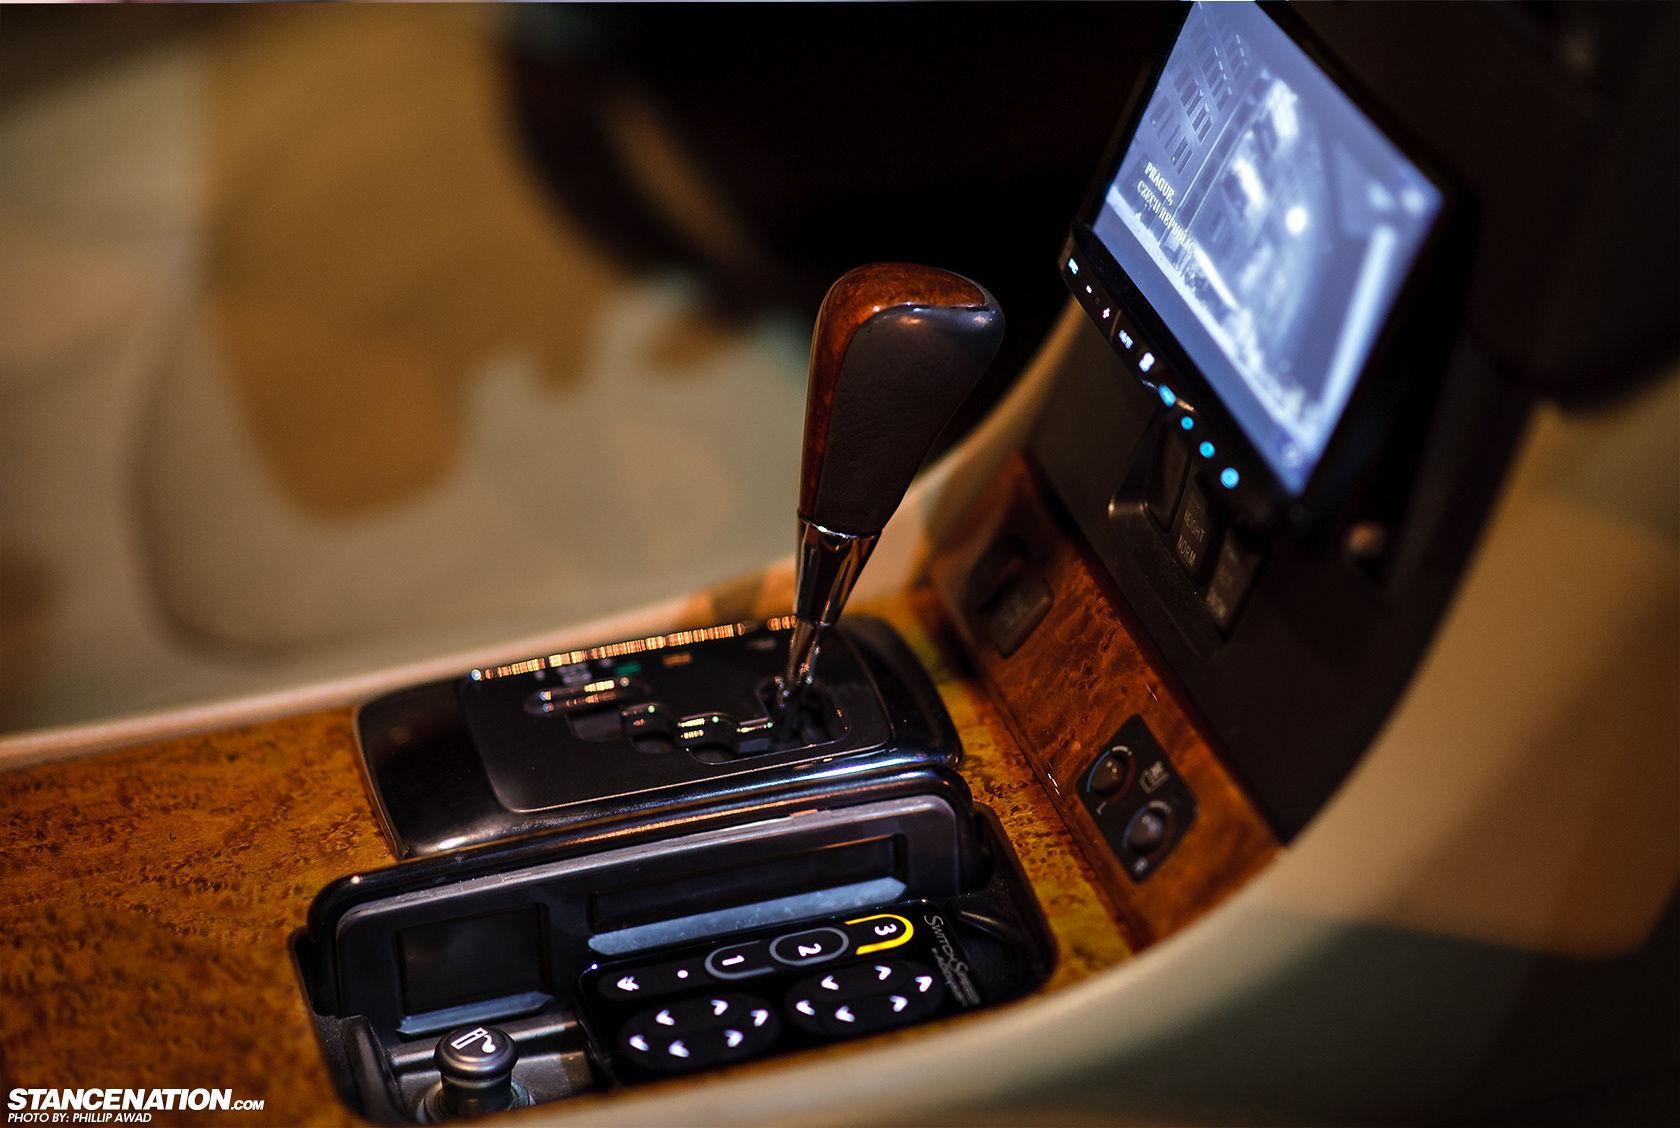 2008 Lexus LS 430 | Brians LS430